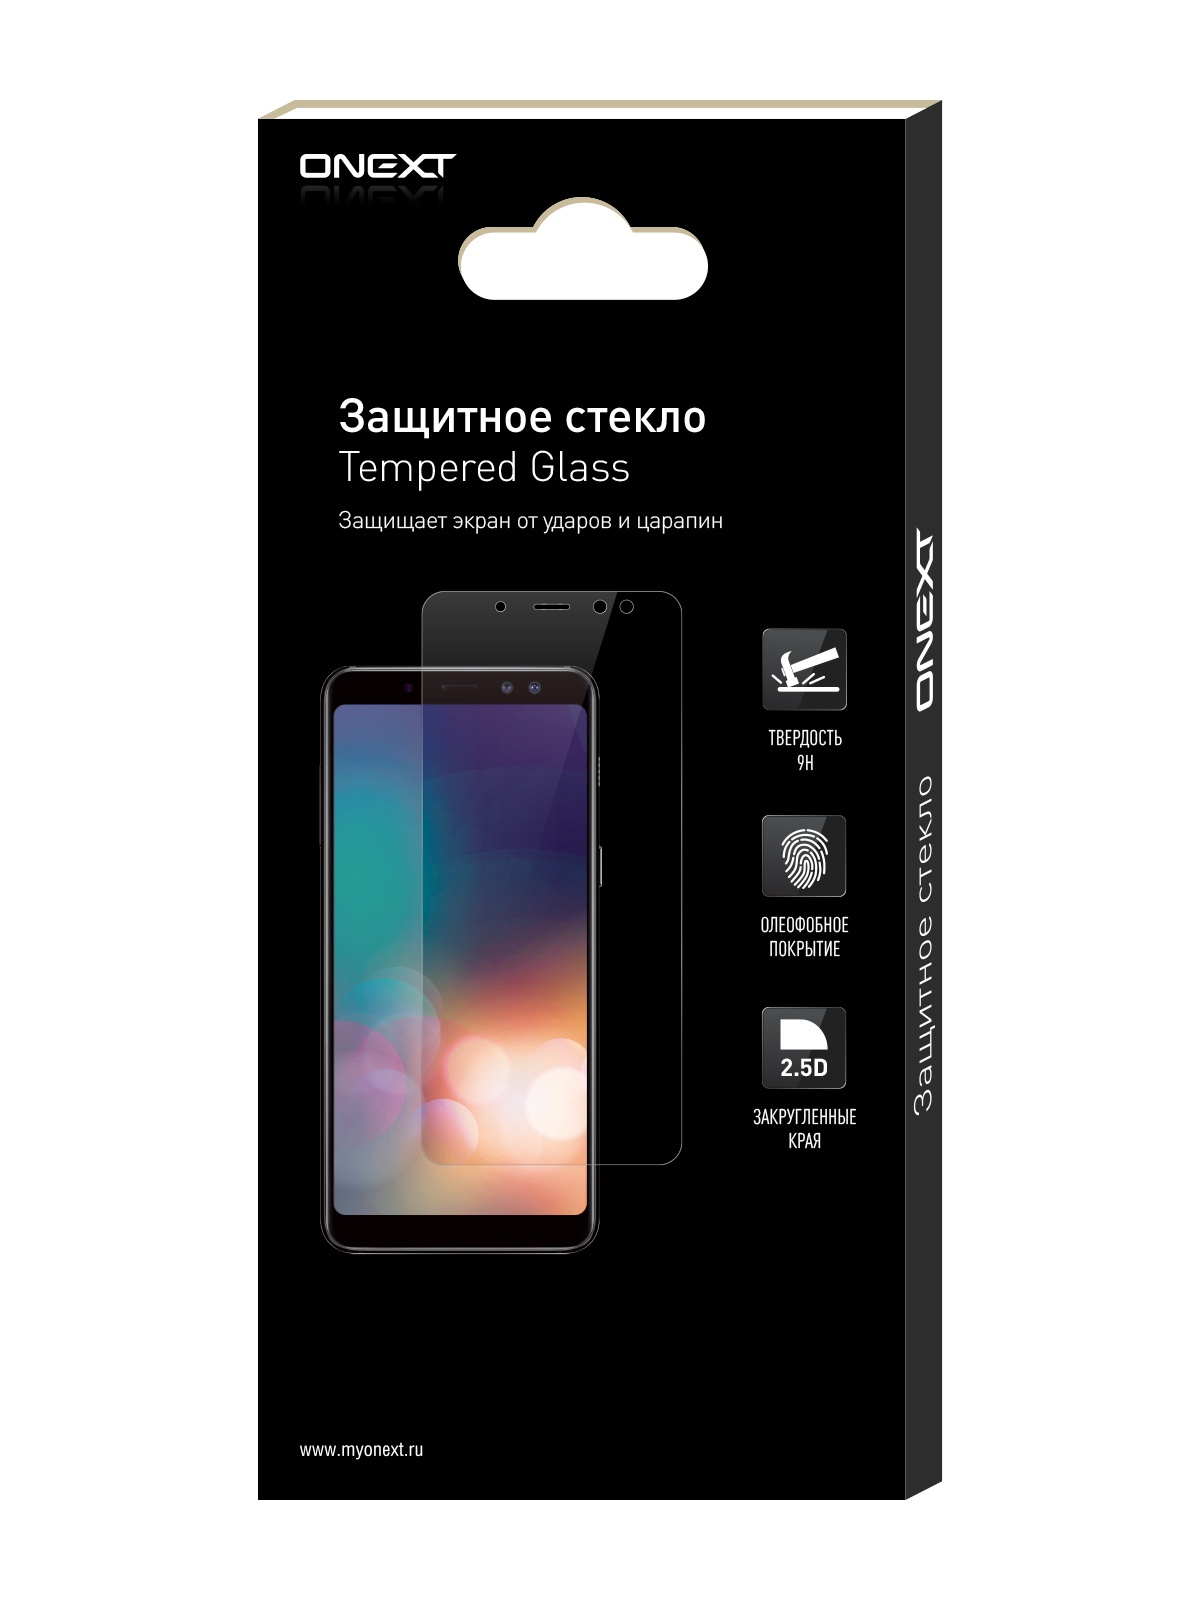 купить Защитное стекло ONEXT Asus Zenfone Go ZB500KL/ZB500KG по цене 300 рублей